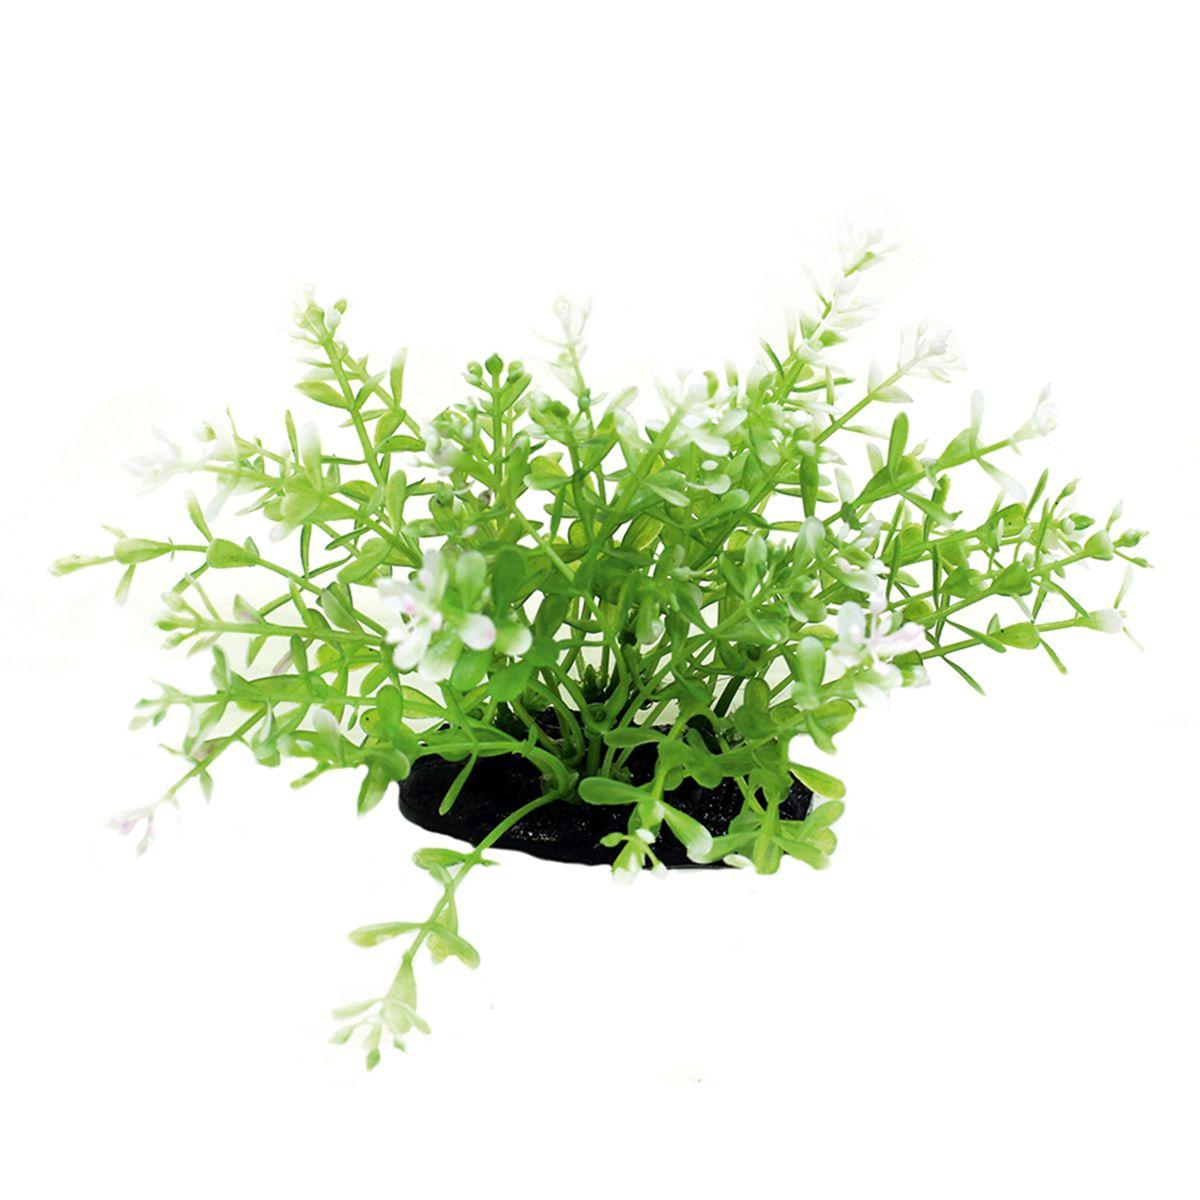 Растение для аквариума ArtUniq Ротала, высота 10-12 смART-1192115Растение для аквариума ArtUniq Ротала, высота 10-12 см